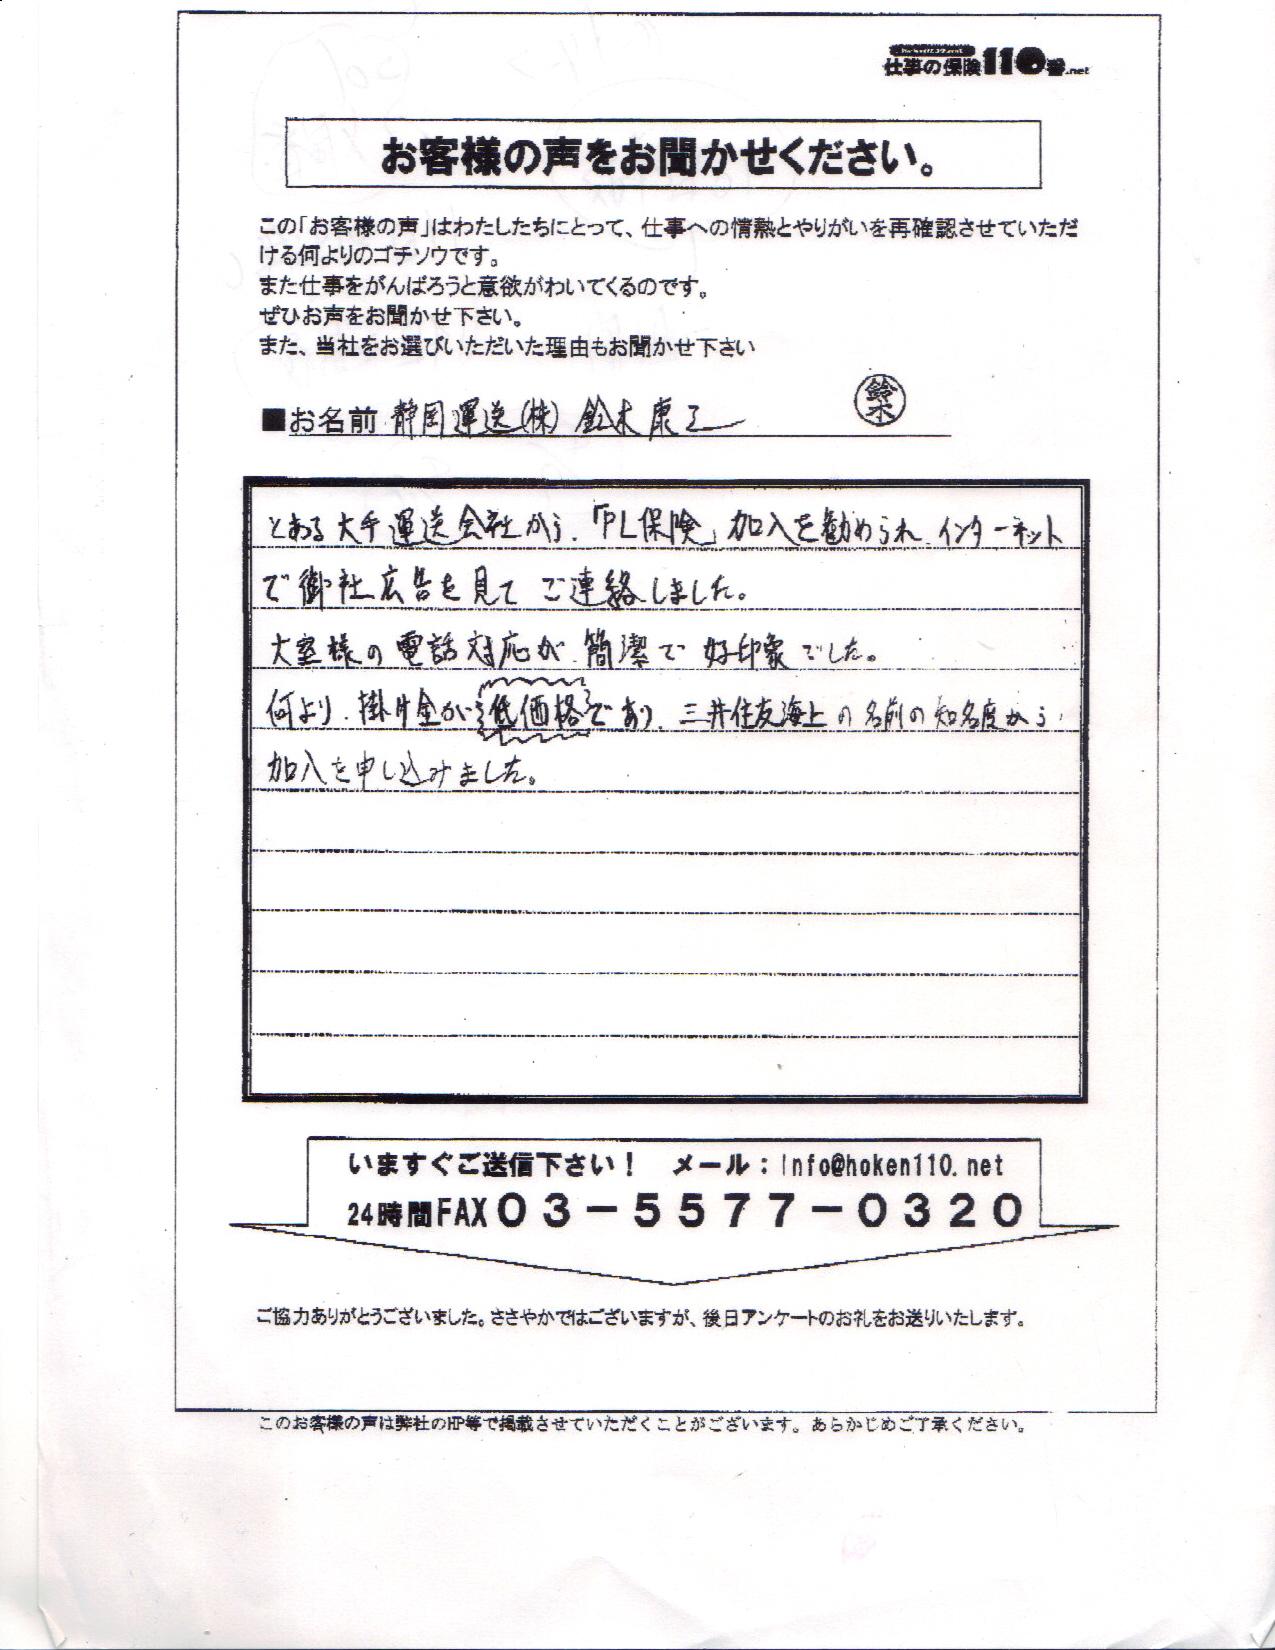 ■静岡県焼津市 静岡運送㈱様.jpg